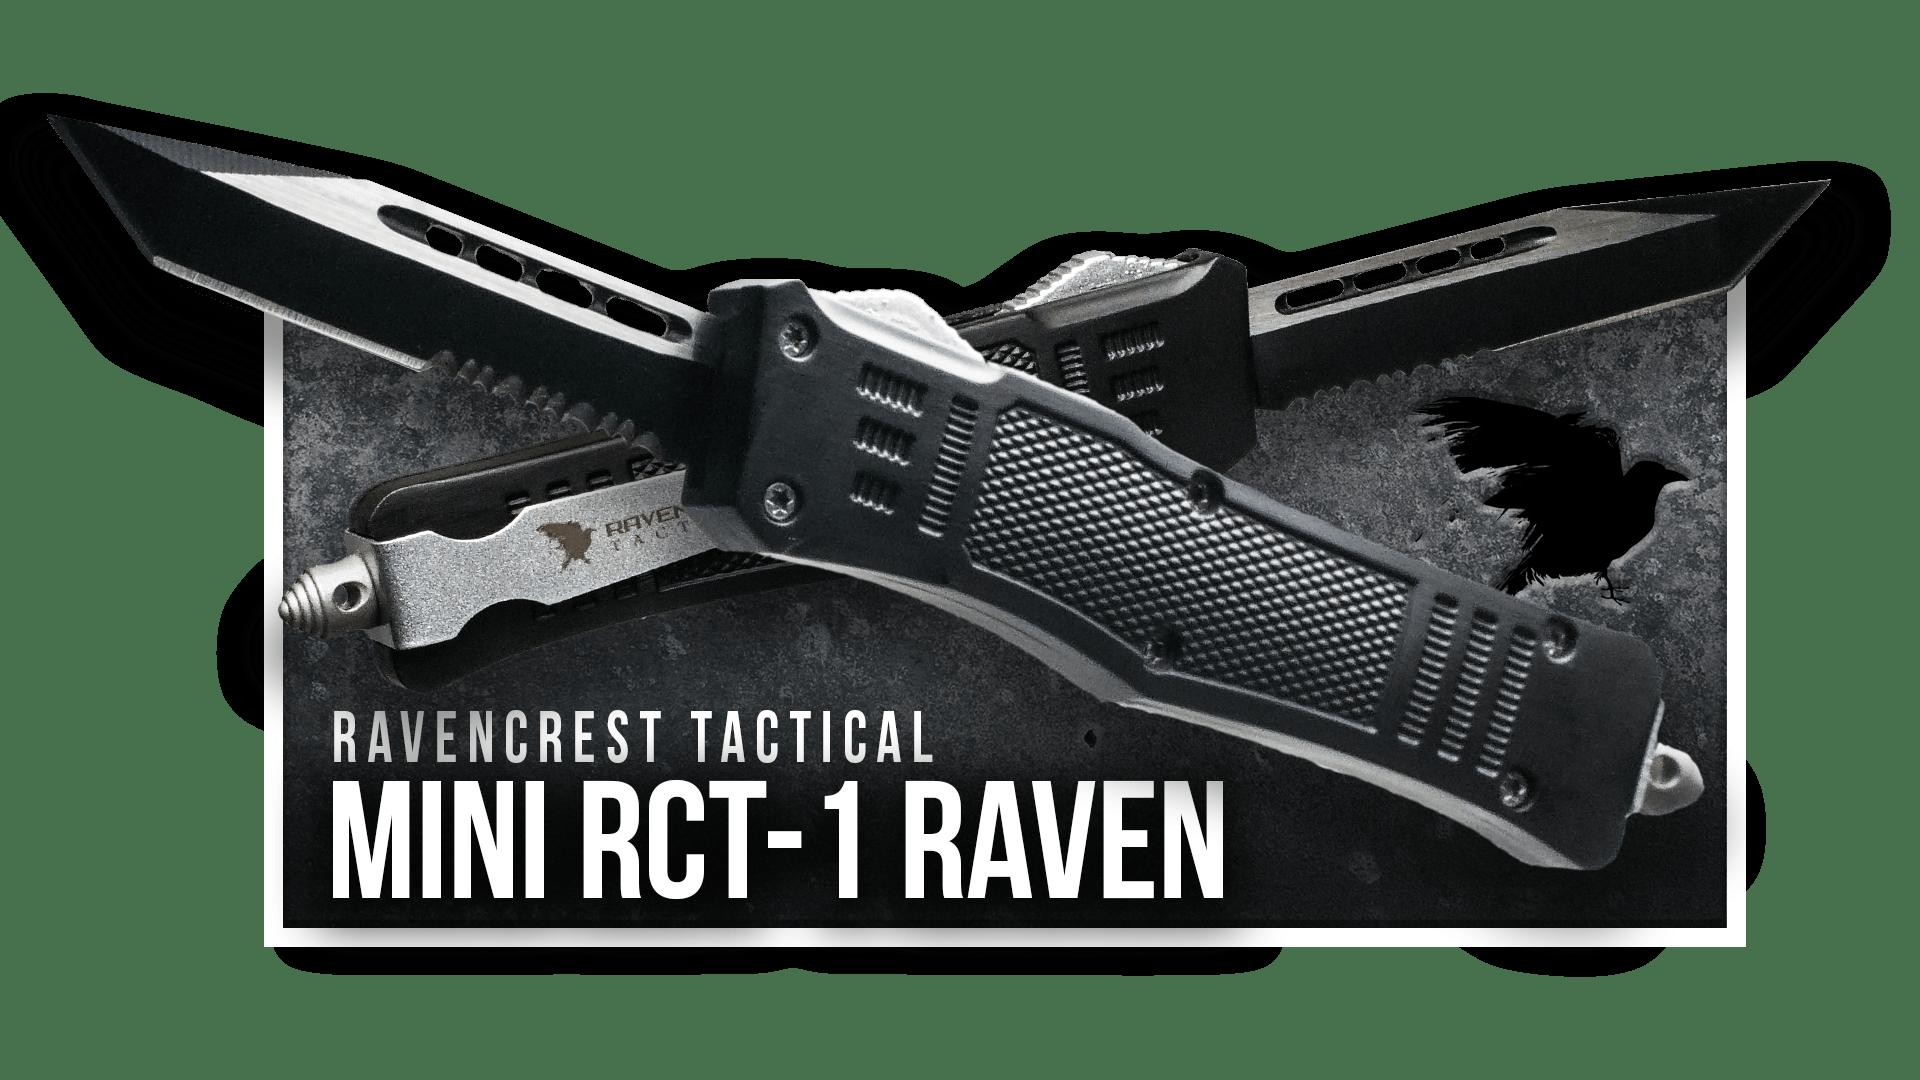 OTF Knife - Mini RCT-1 Raven - RavenCrest Tactical